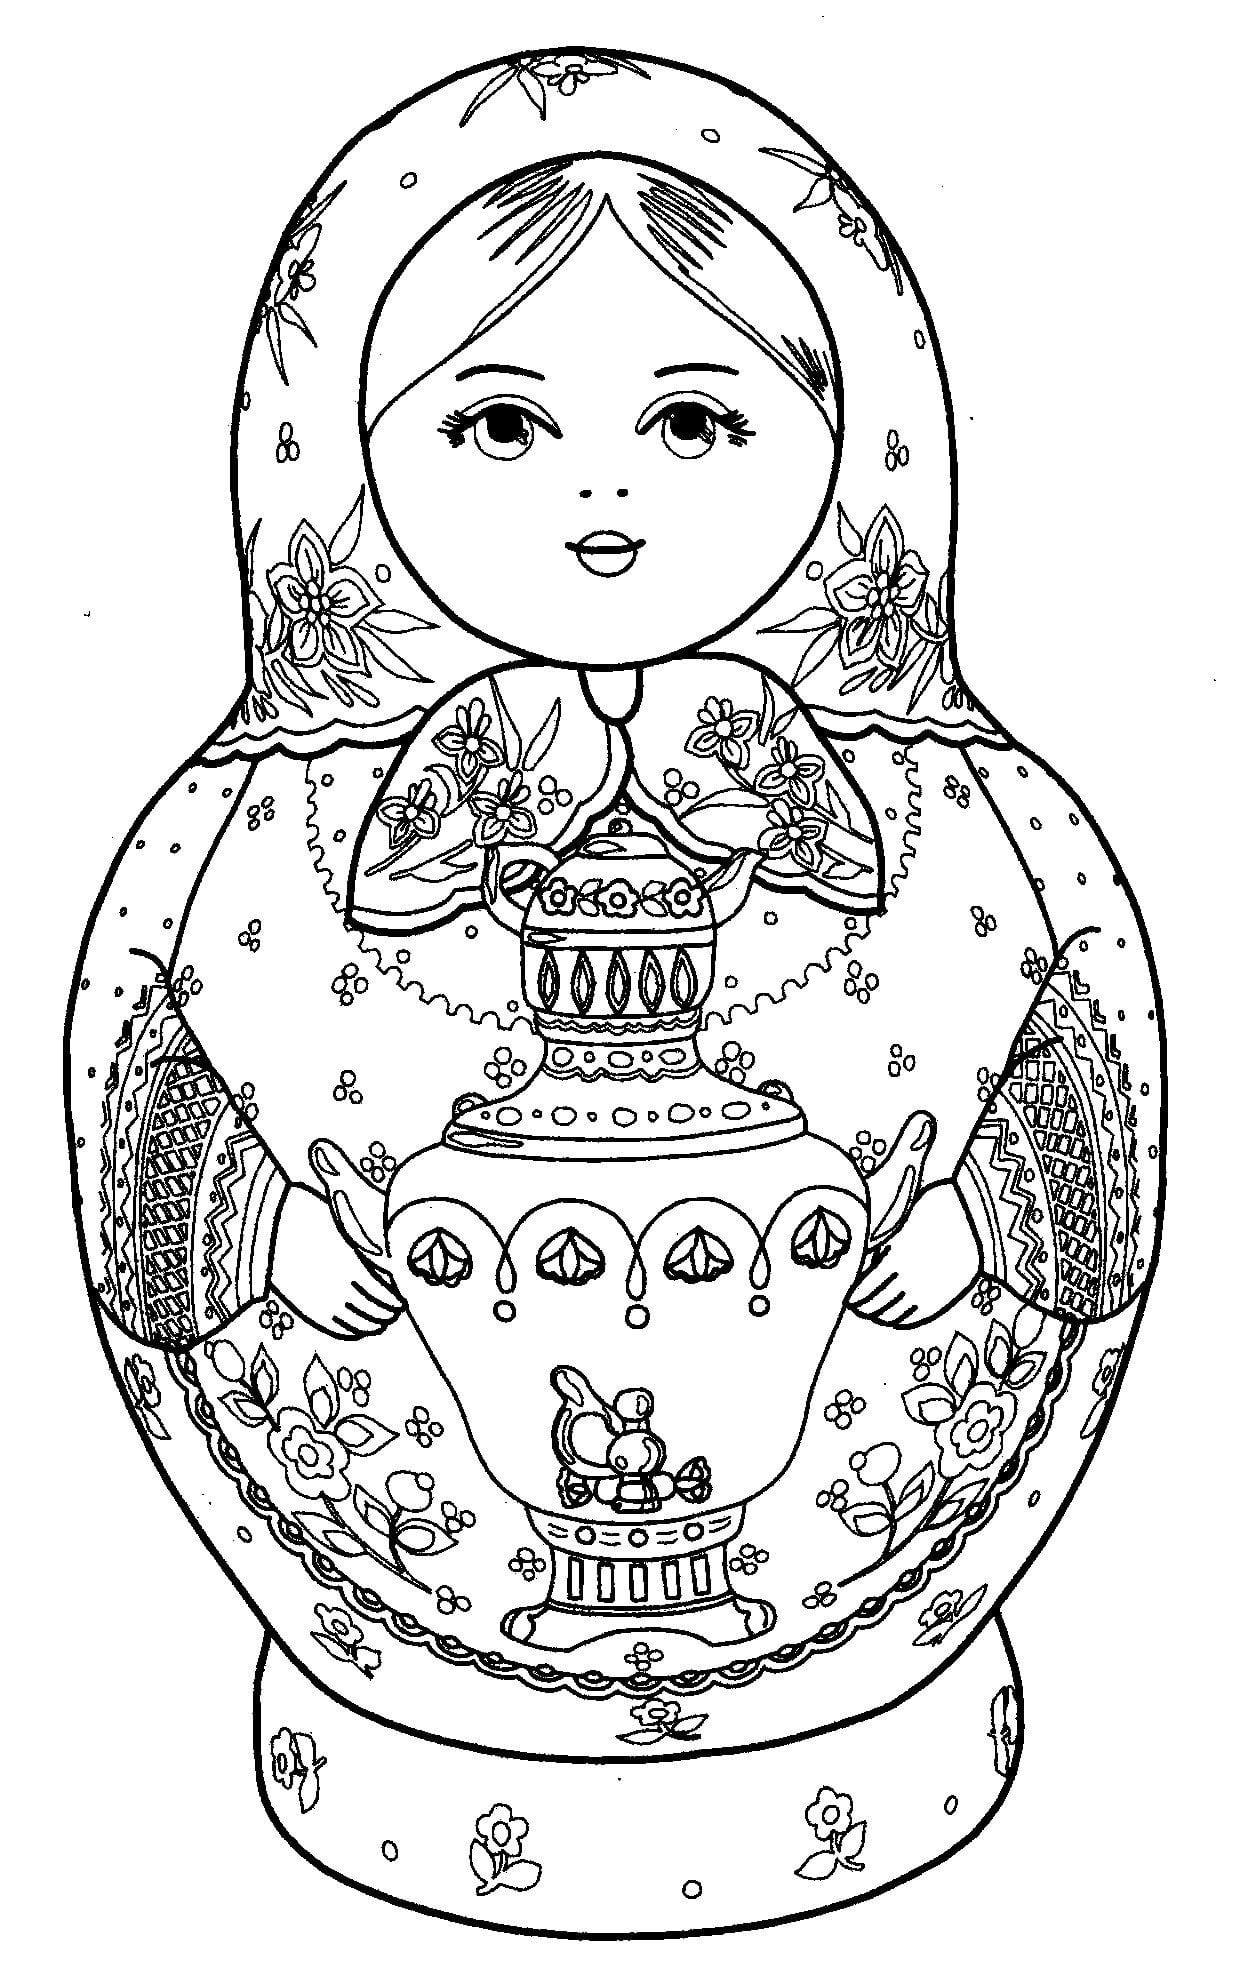 матрешка раскраска для детей русская